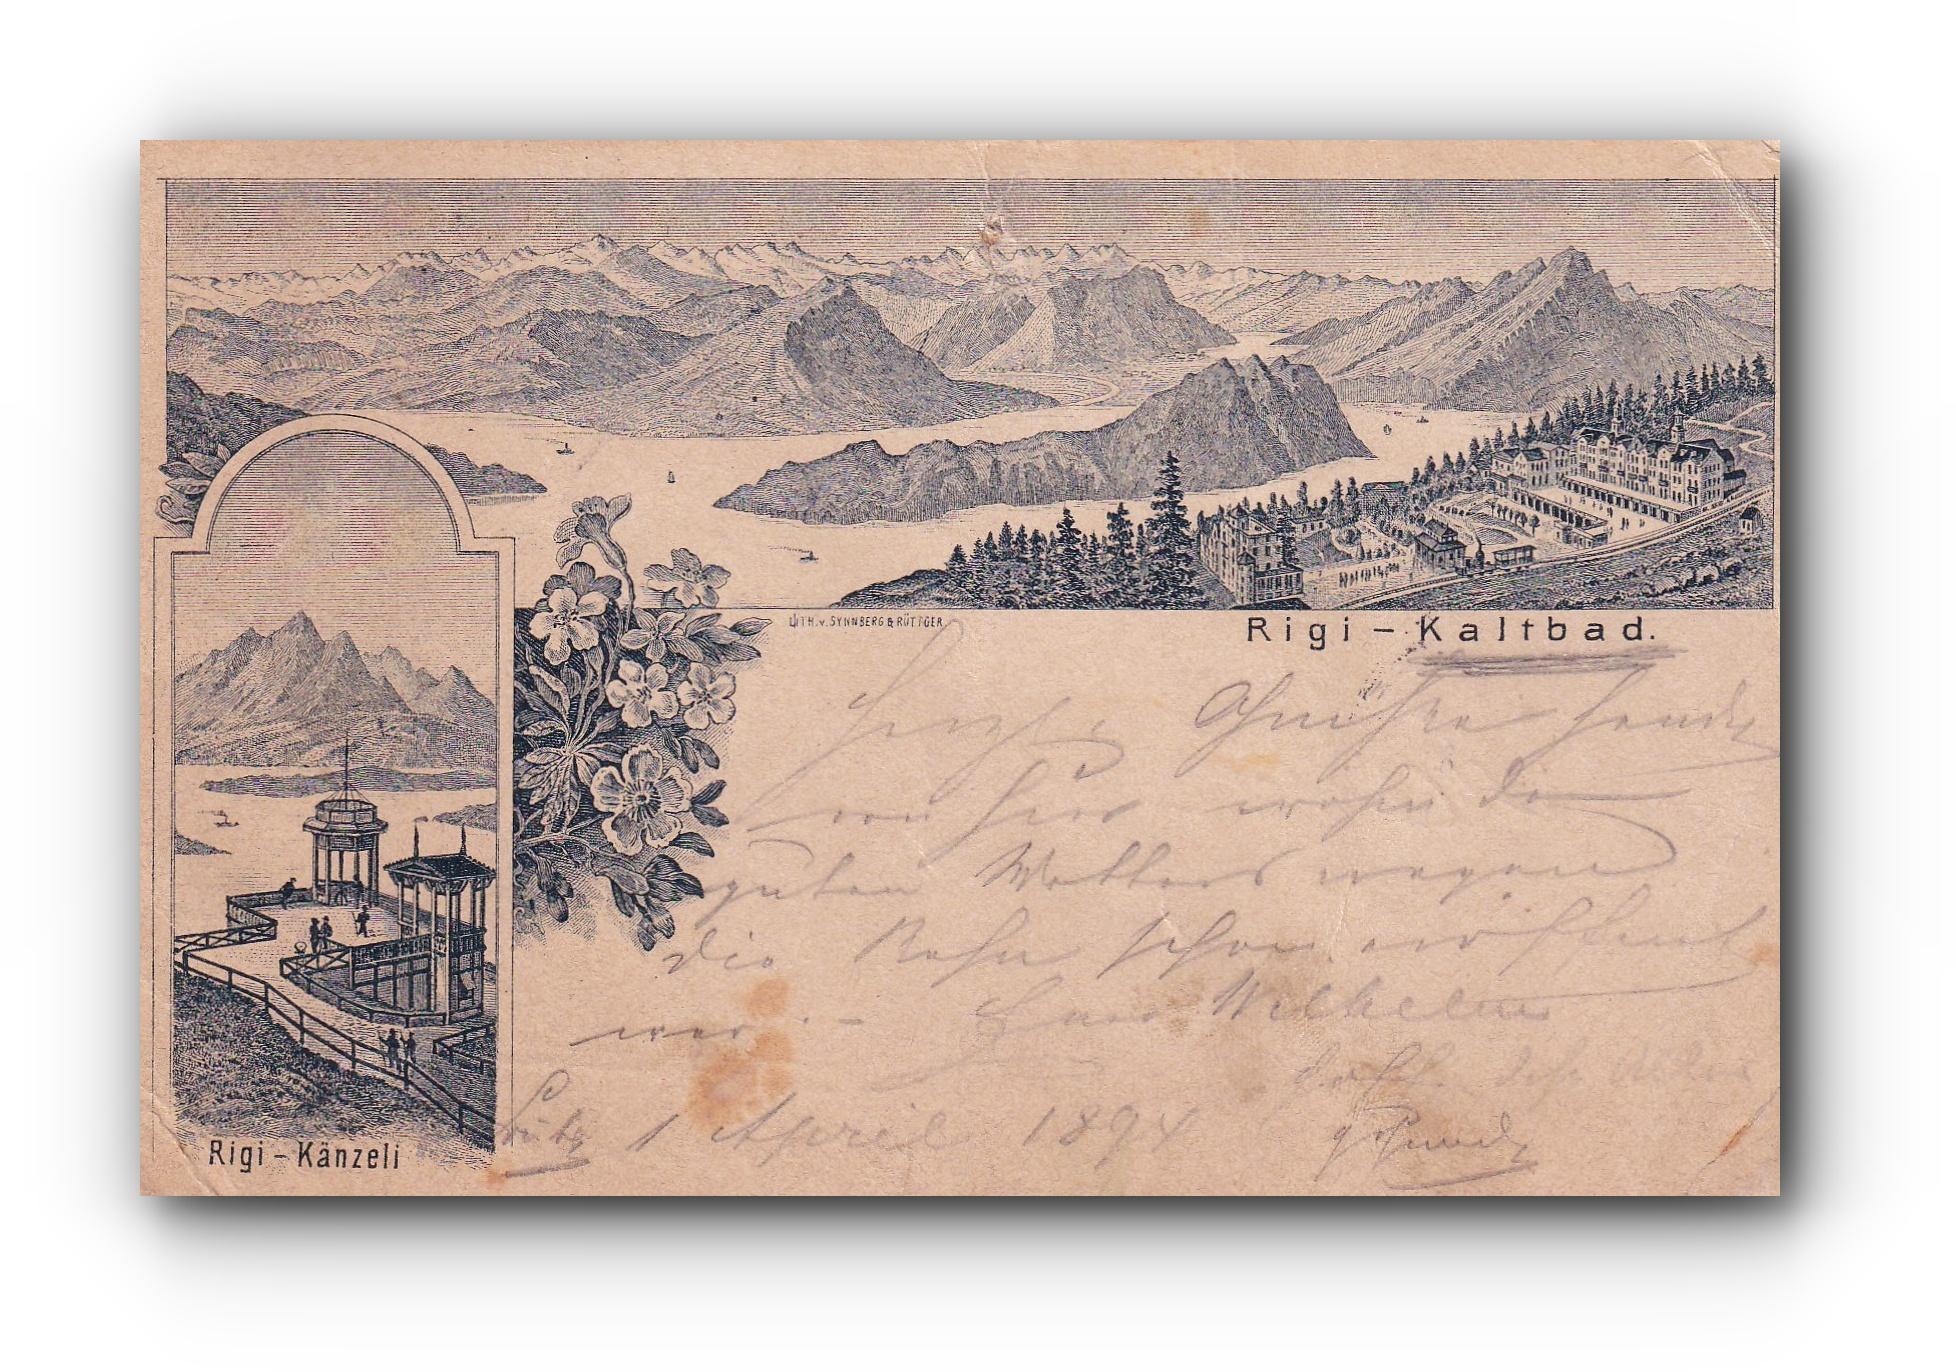 RIGI Kaltbad - 01.04.1894 -